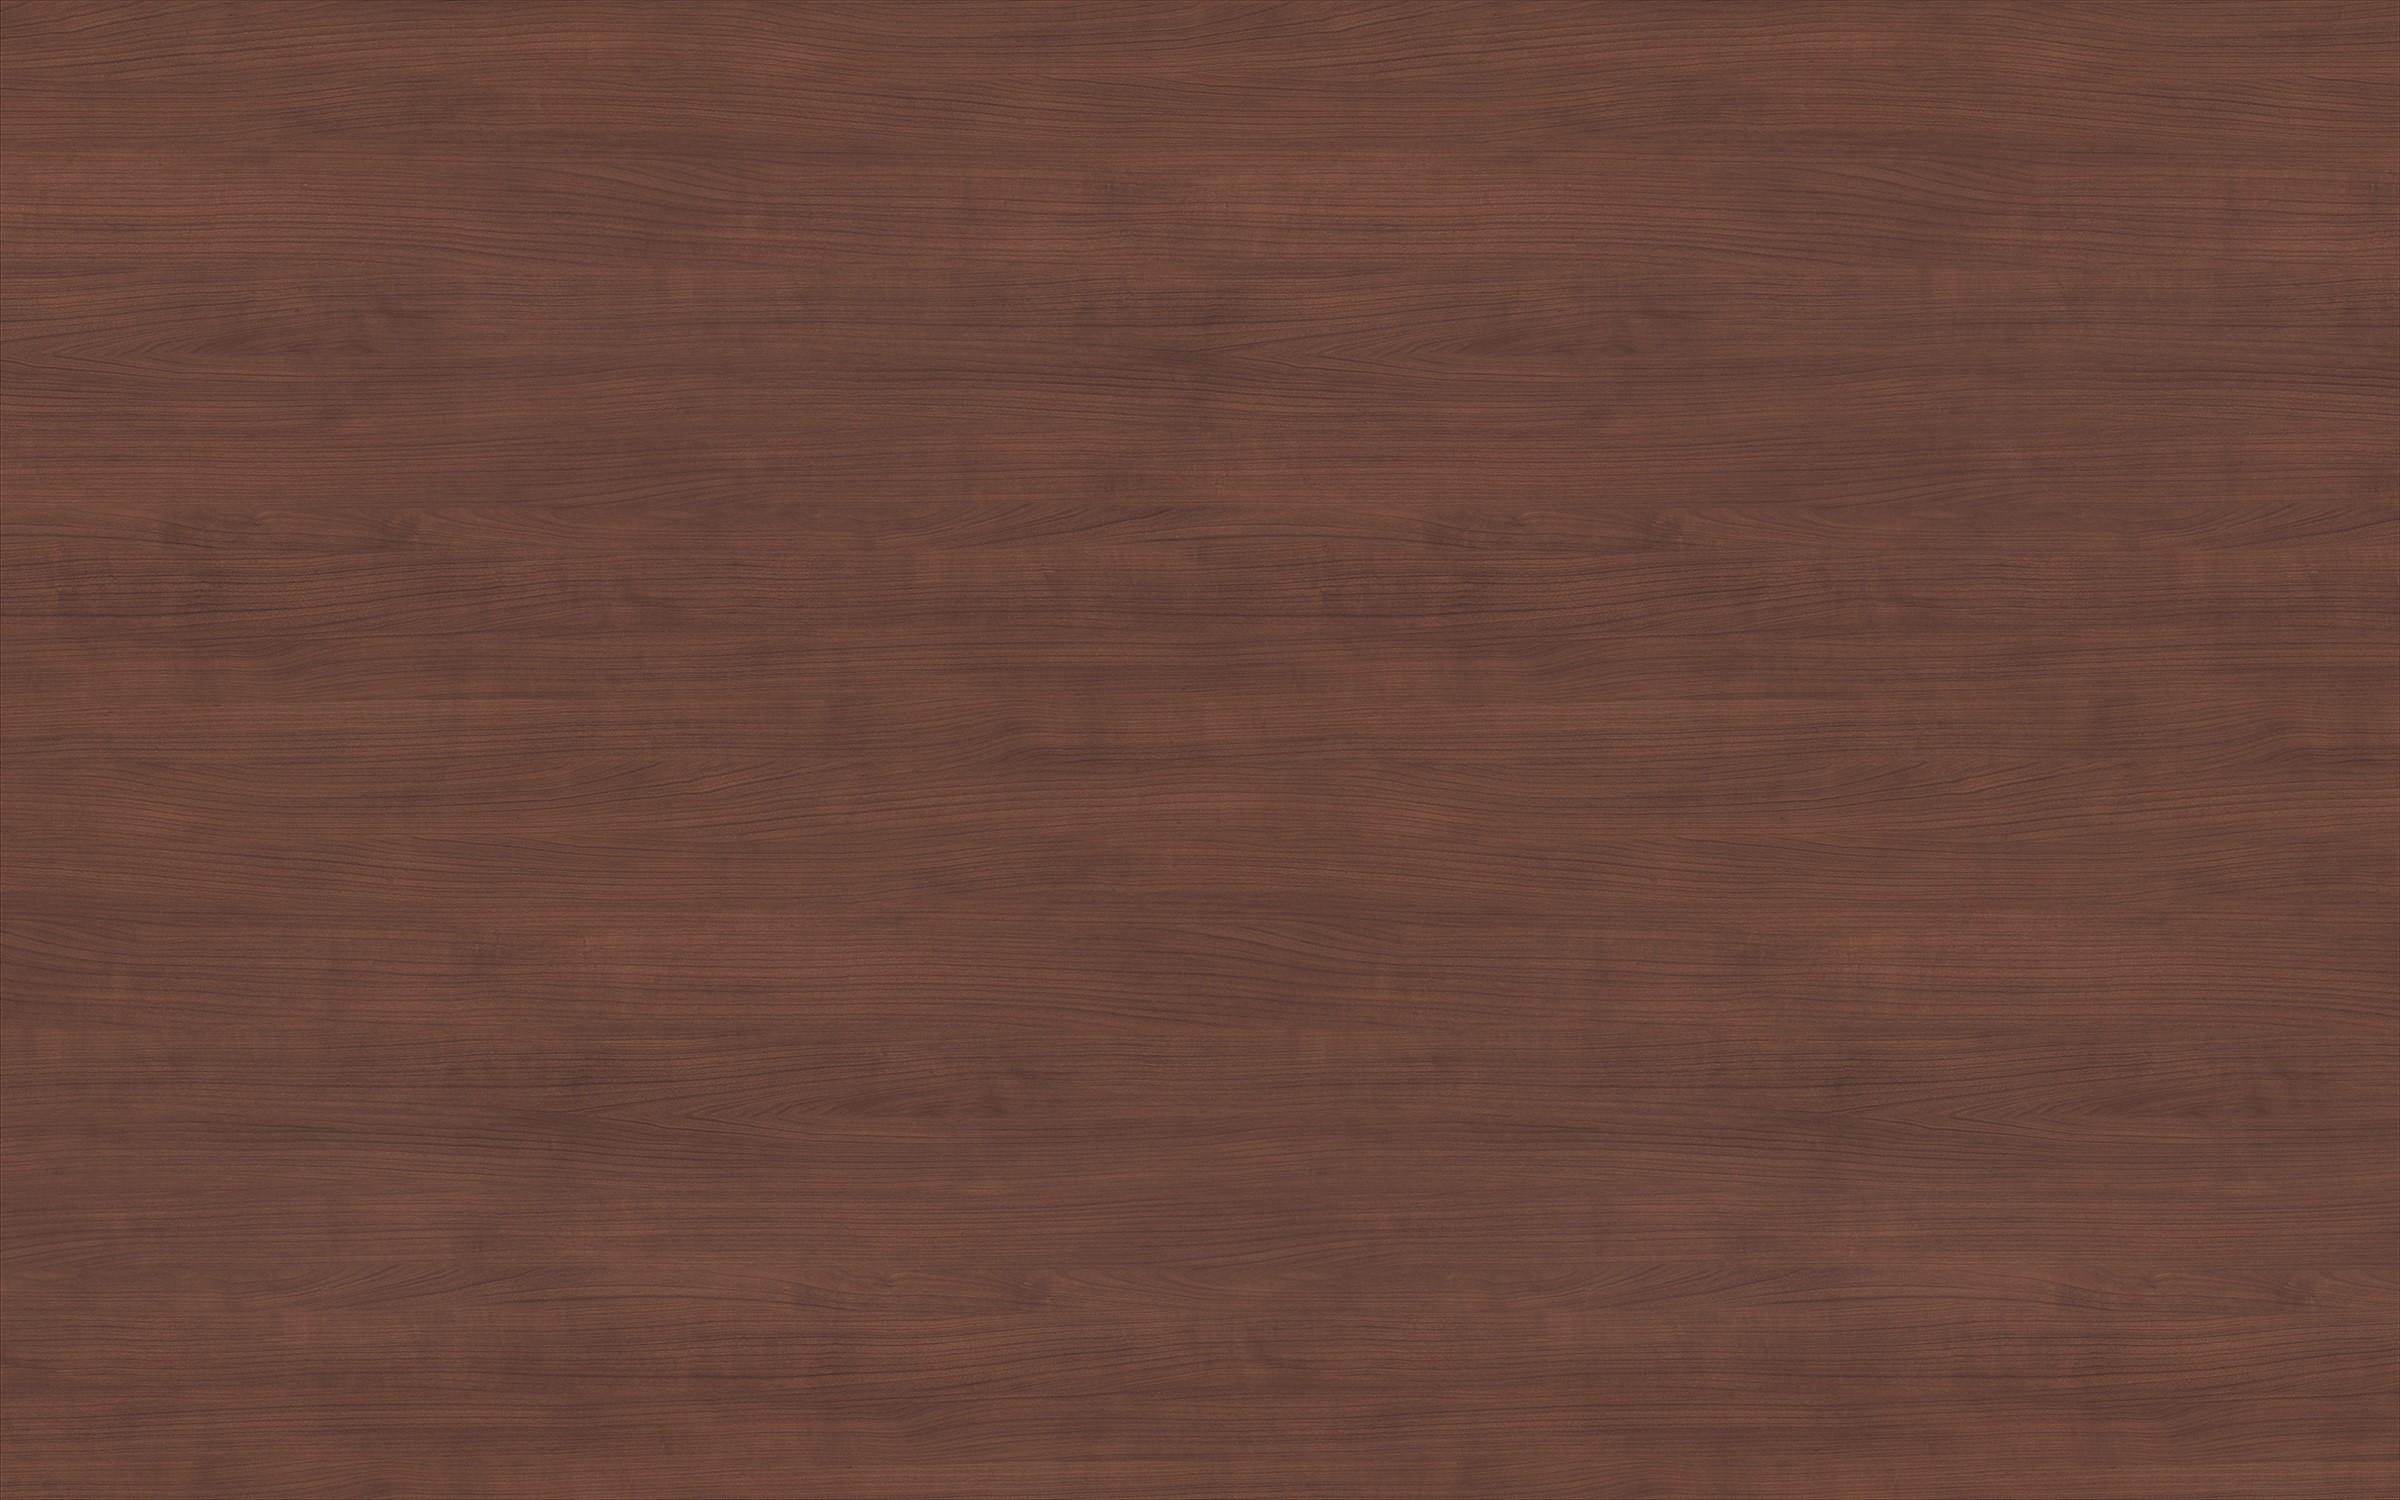 7989 Persian Cherry - Wilsonart